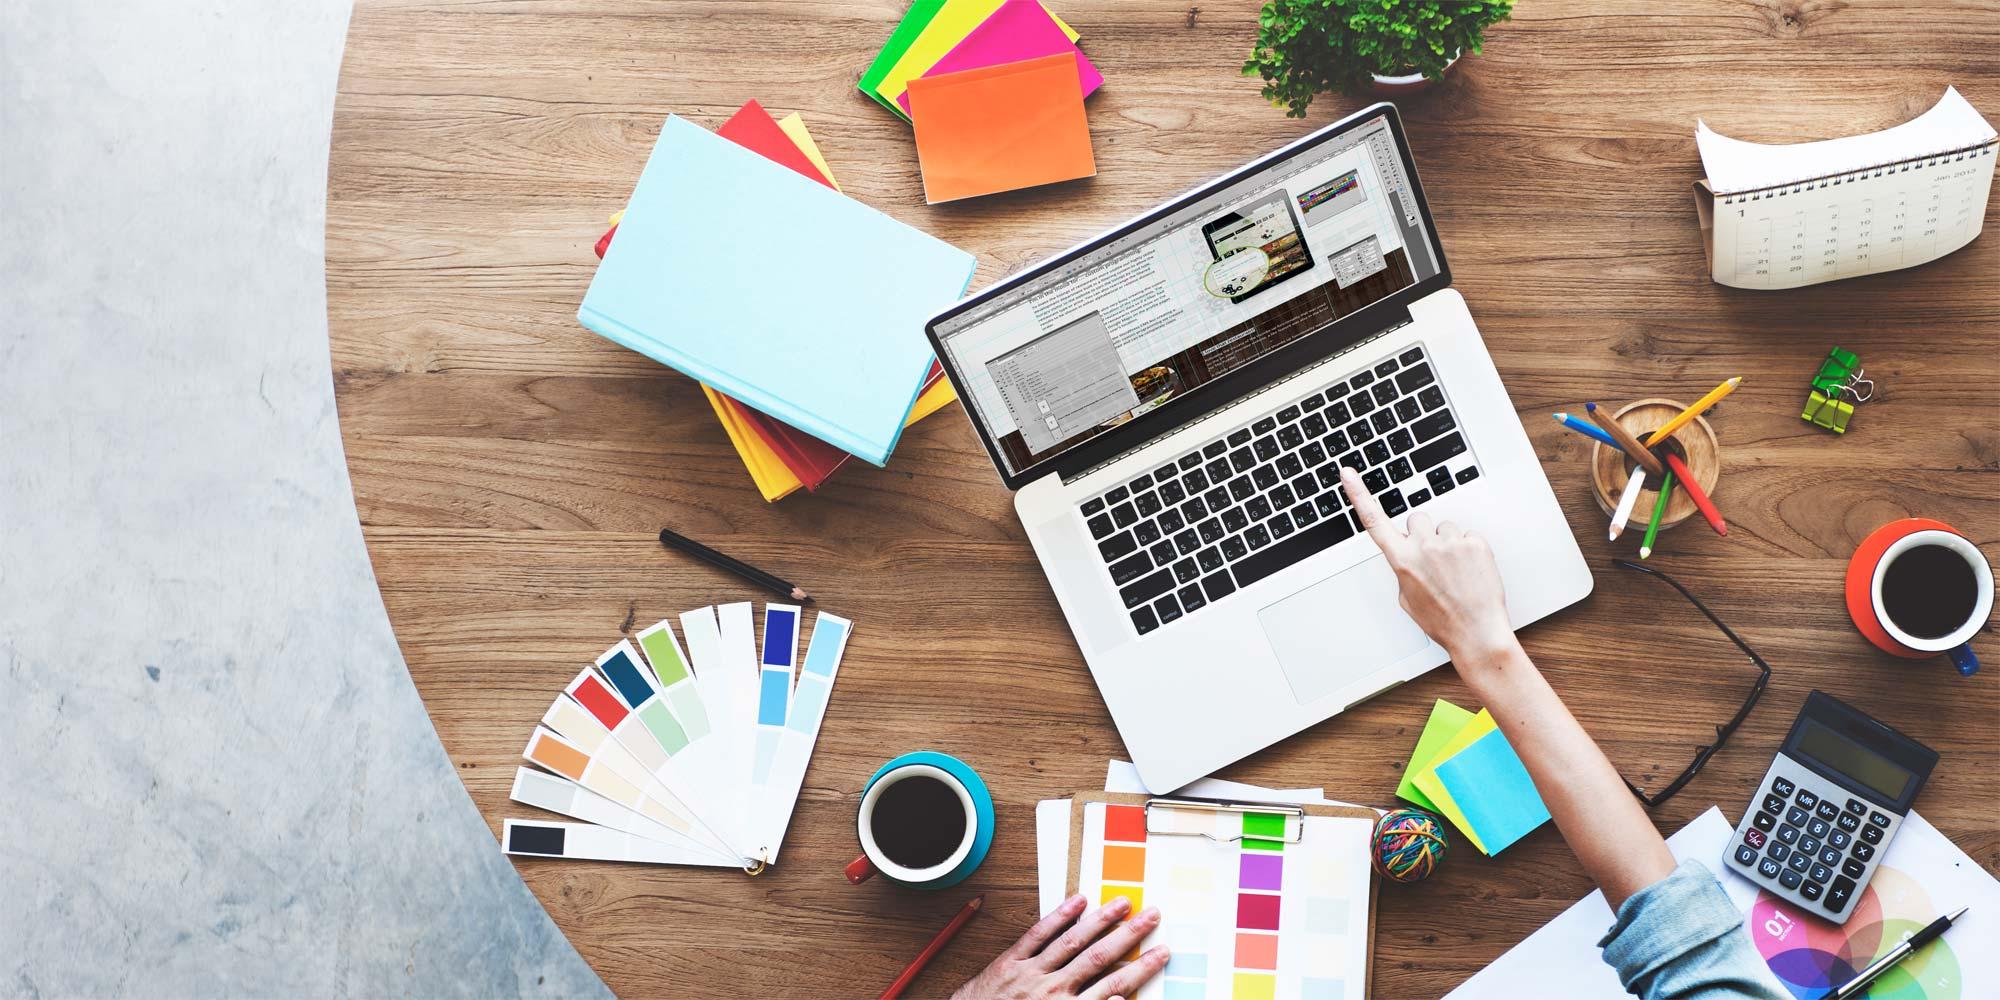 ¿Cuánto cuesta crear un sitio de WordPress y que funcione correctamente? Suponiendo que el software de WordPress es gratuito, el costo de crear un sitio web depende completamente delpresupuesto que…